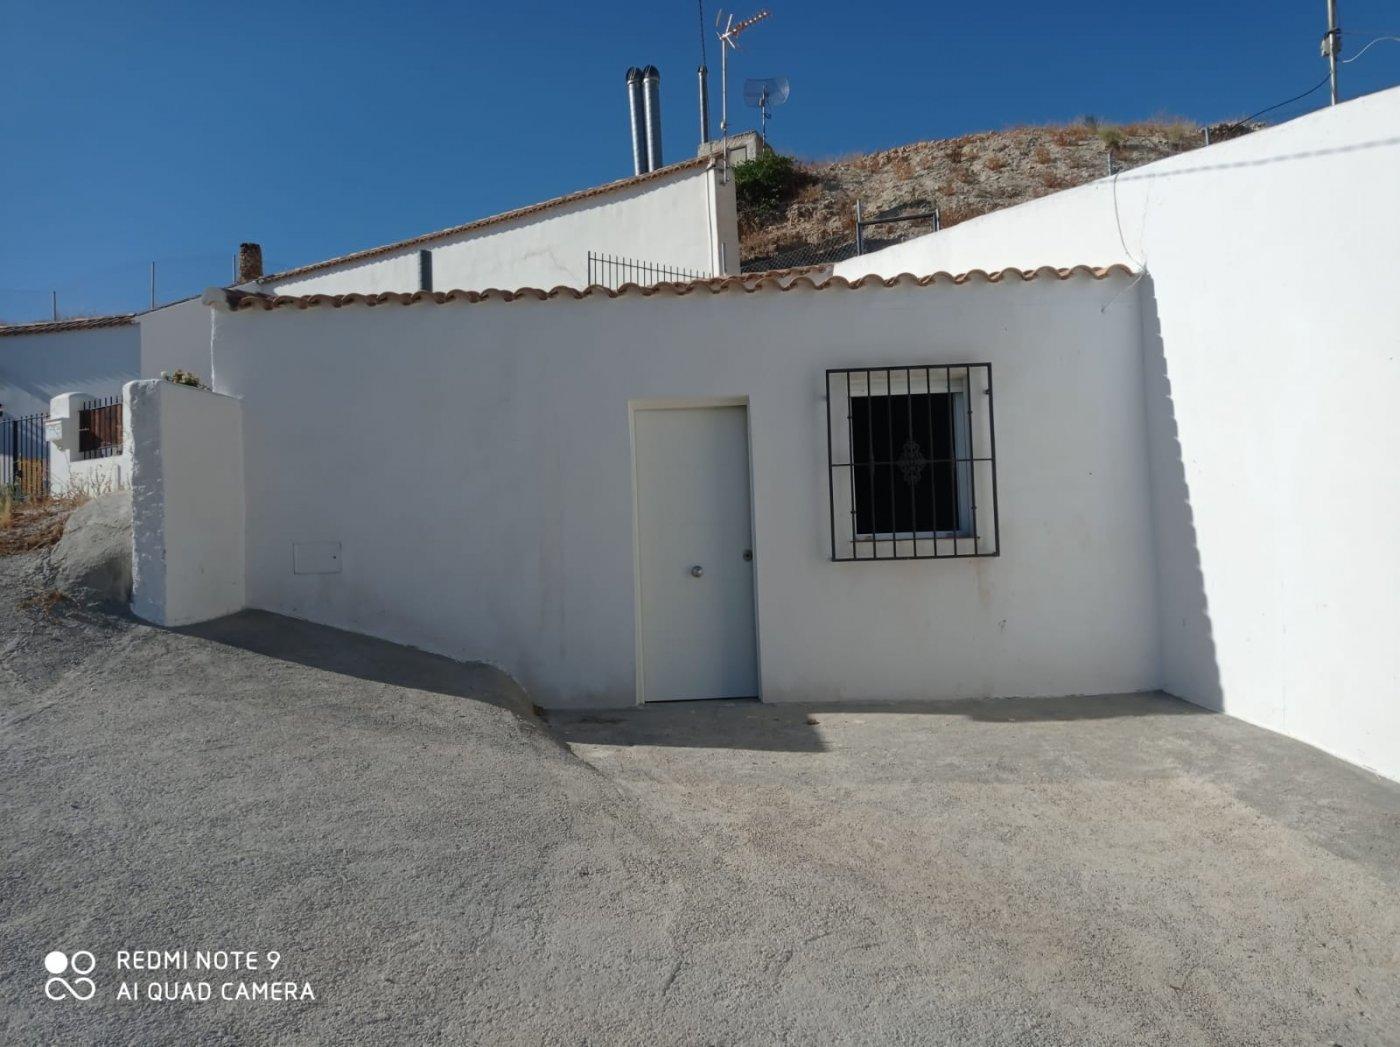 FantÁstica casa - cueva en en cuevas del campo de granada - imagenInmueble15